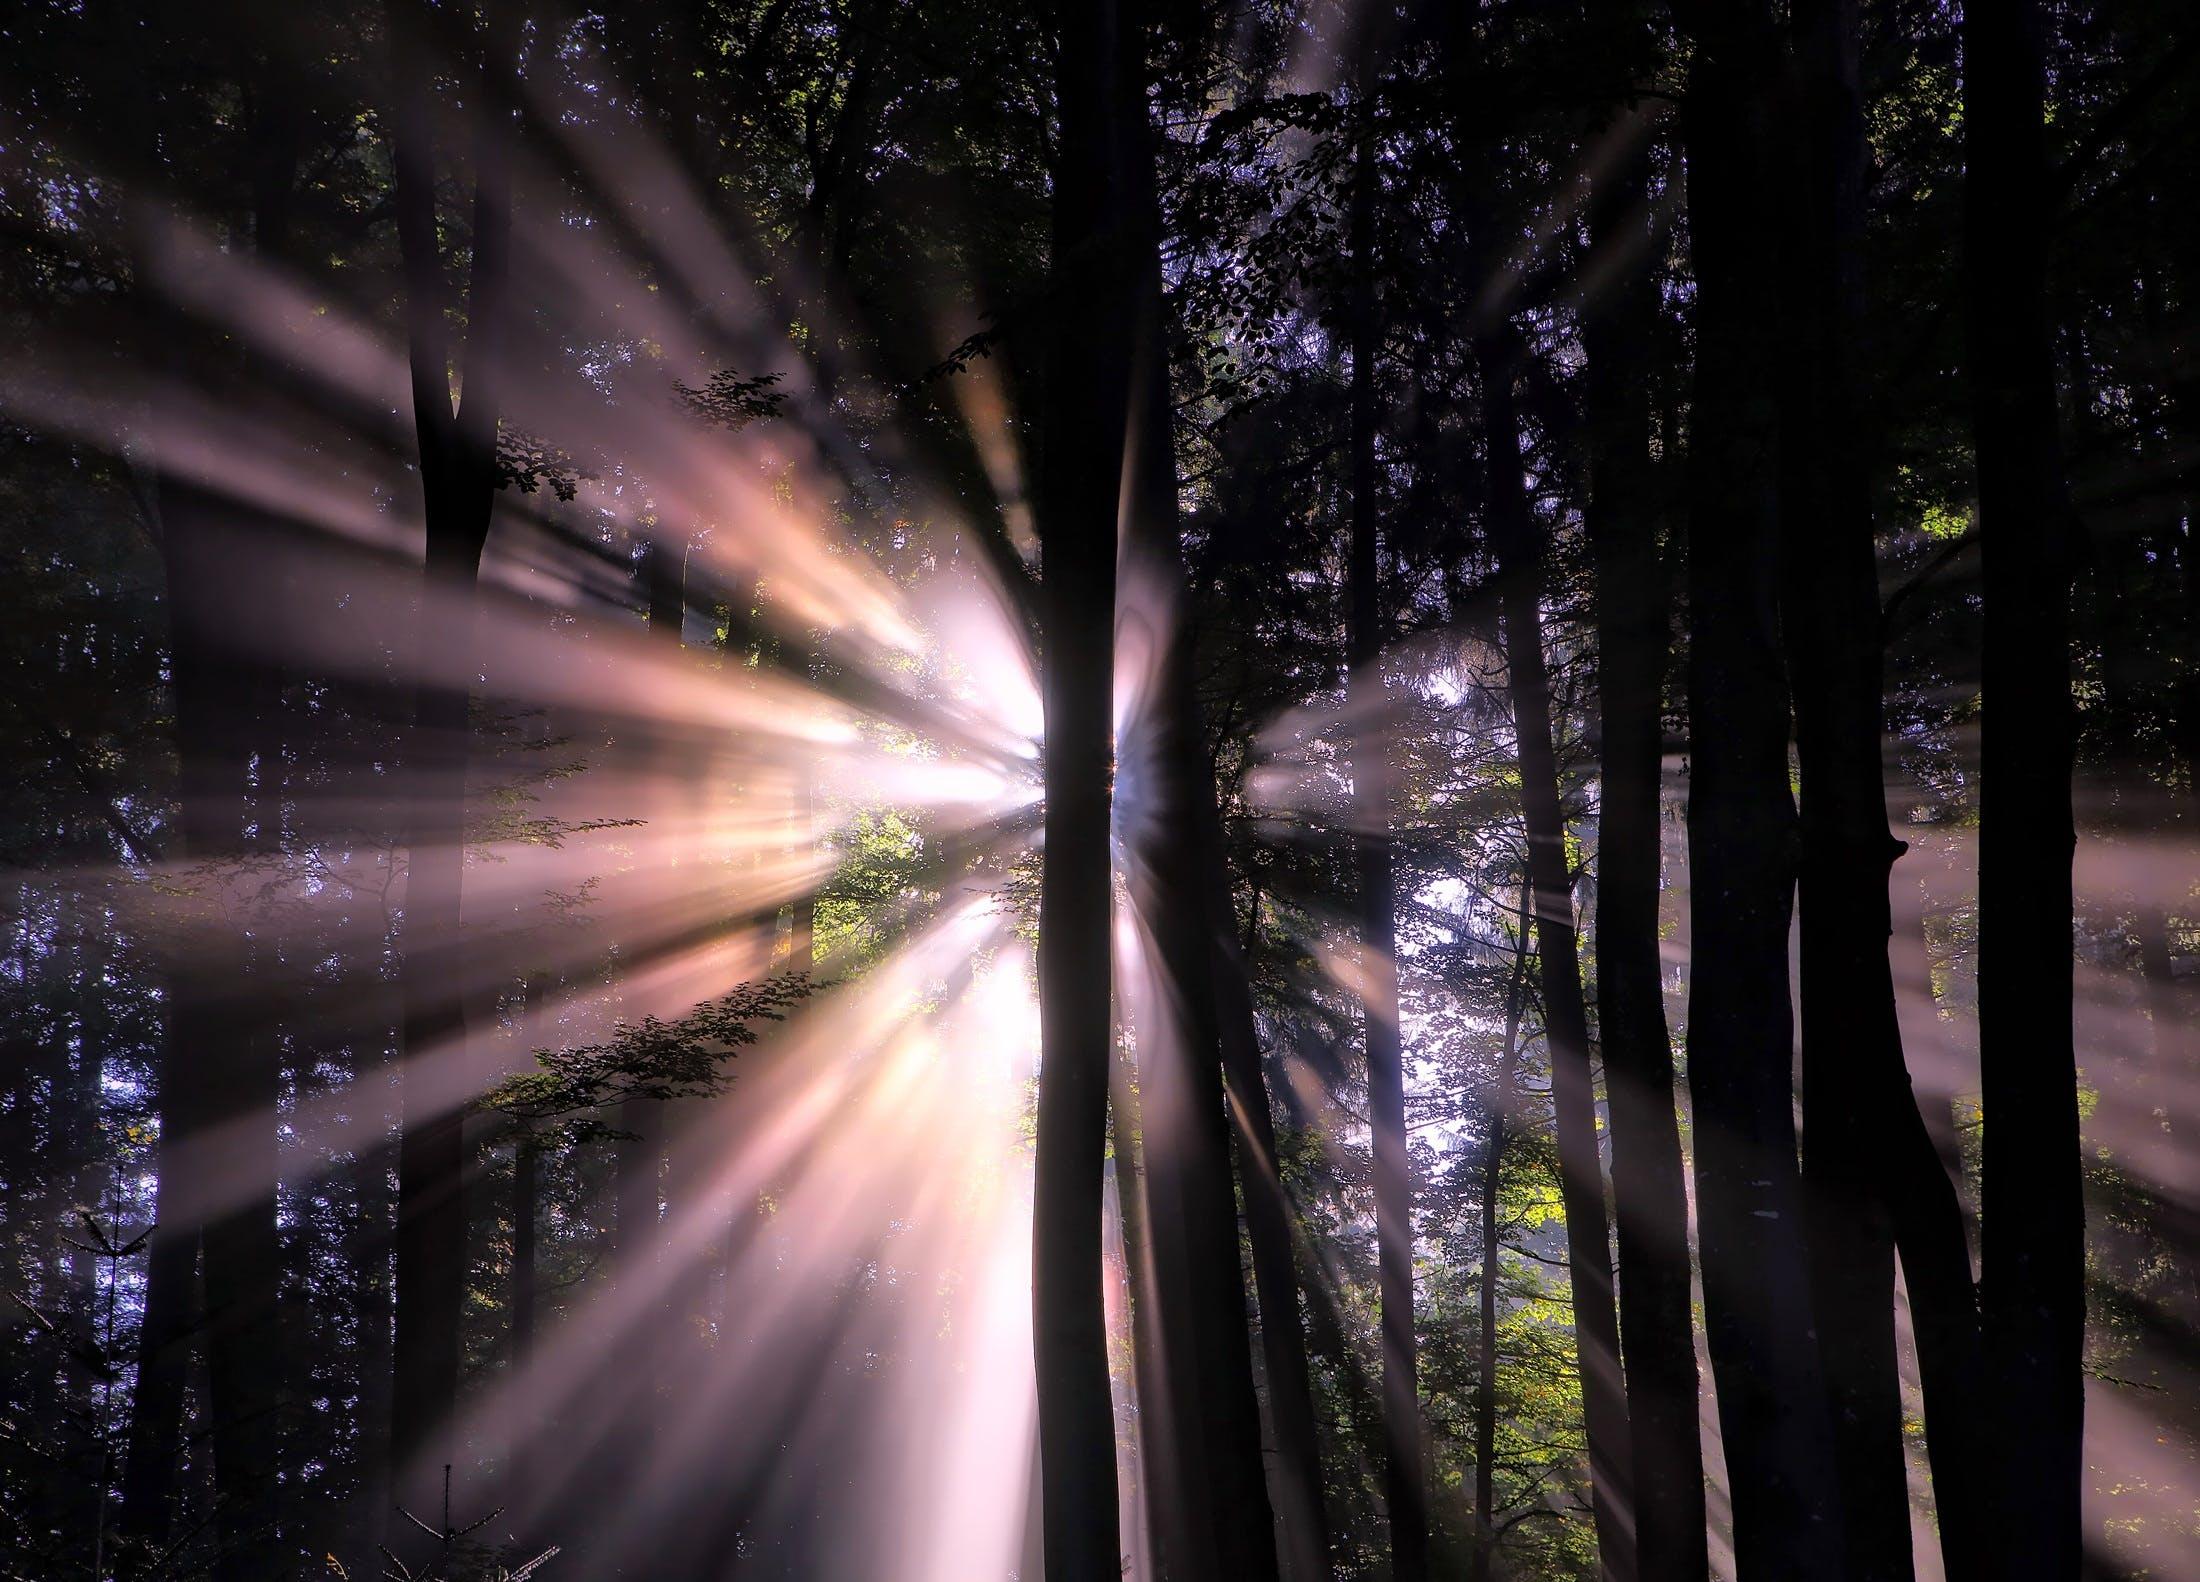 Sun Shining Through Trees at Night